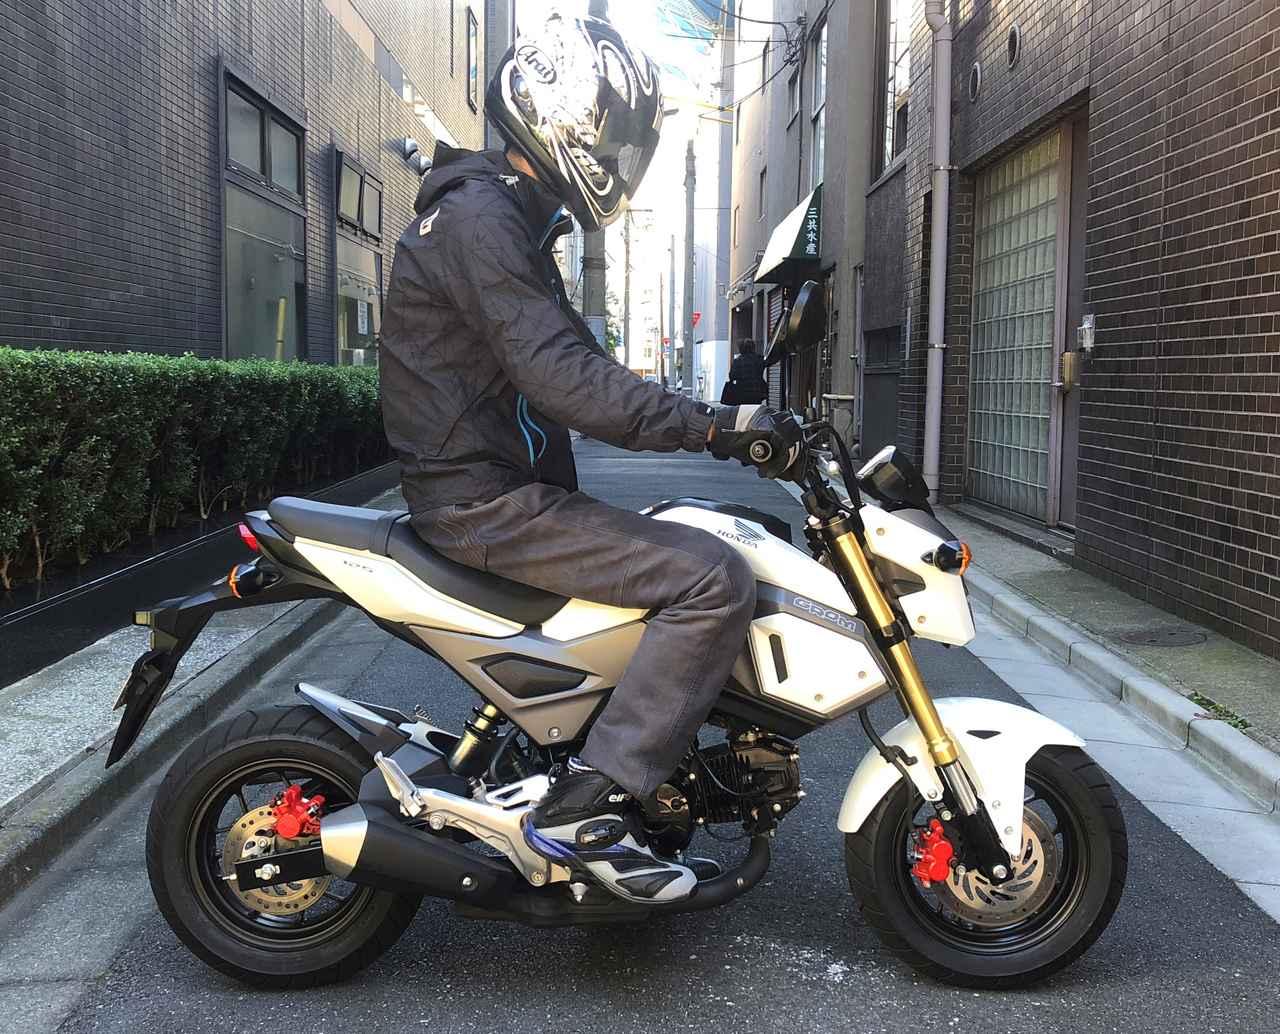 画像: 125ccを完全にナメてた…グロムの走りって、CB125R以上かも?【ホンダオールすごろく/第17回 GROM】